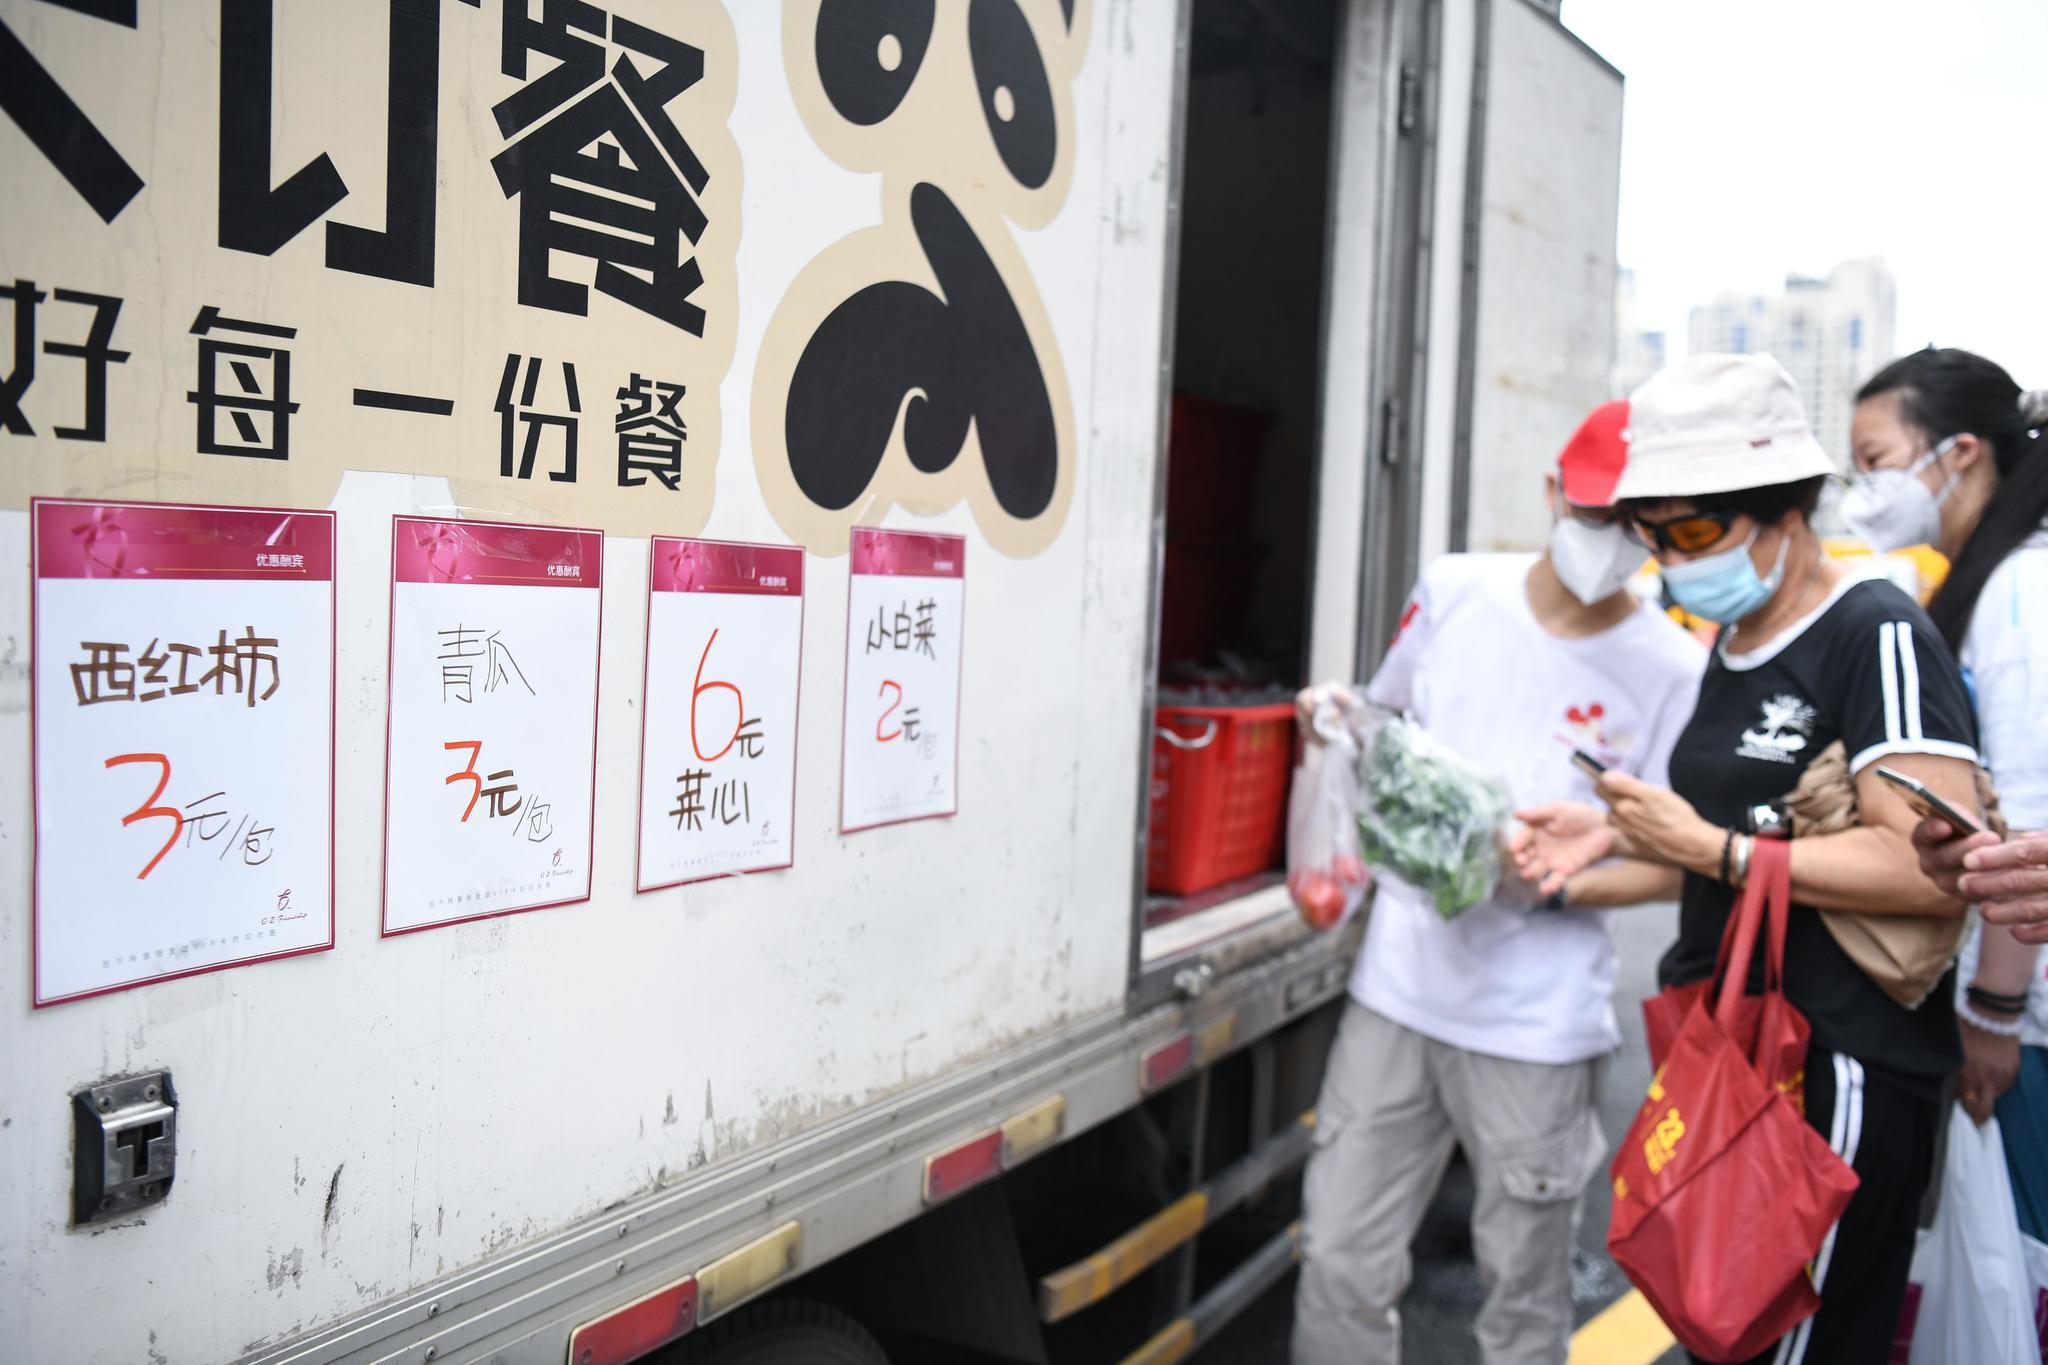 5月30日,广州市民在广钢新城广州友谊商店移动服务点购买蔬菜。图片来源:新华社